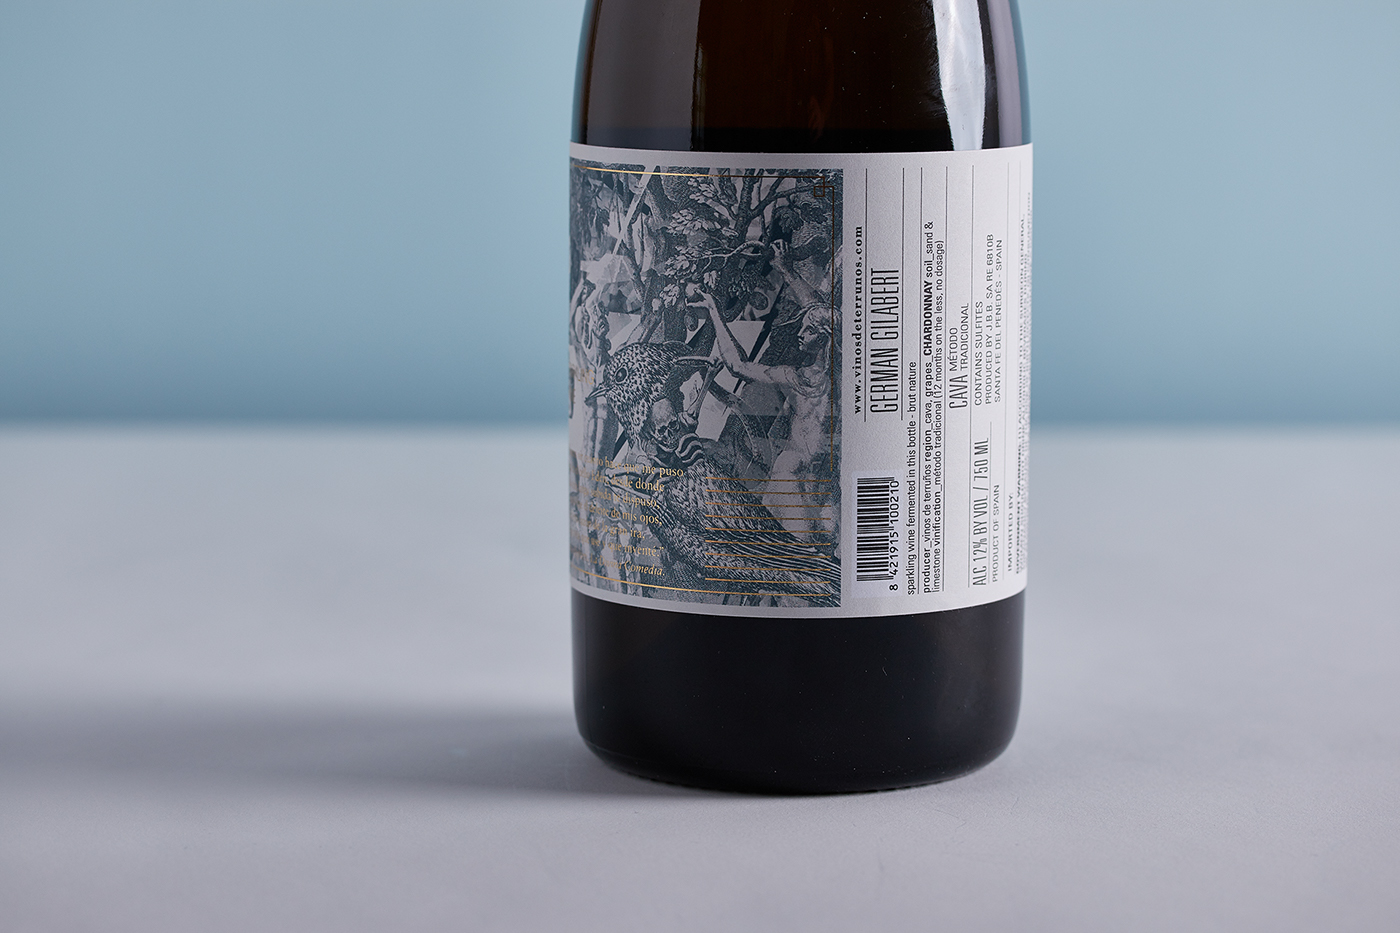 Label wine sparkling cava collage Packaging etiqueta vino